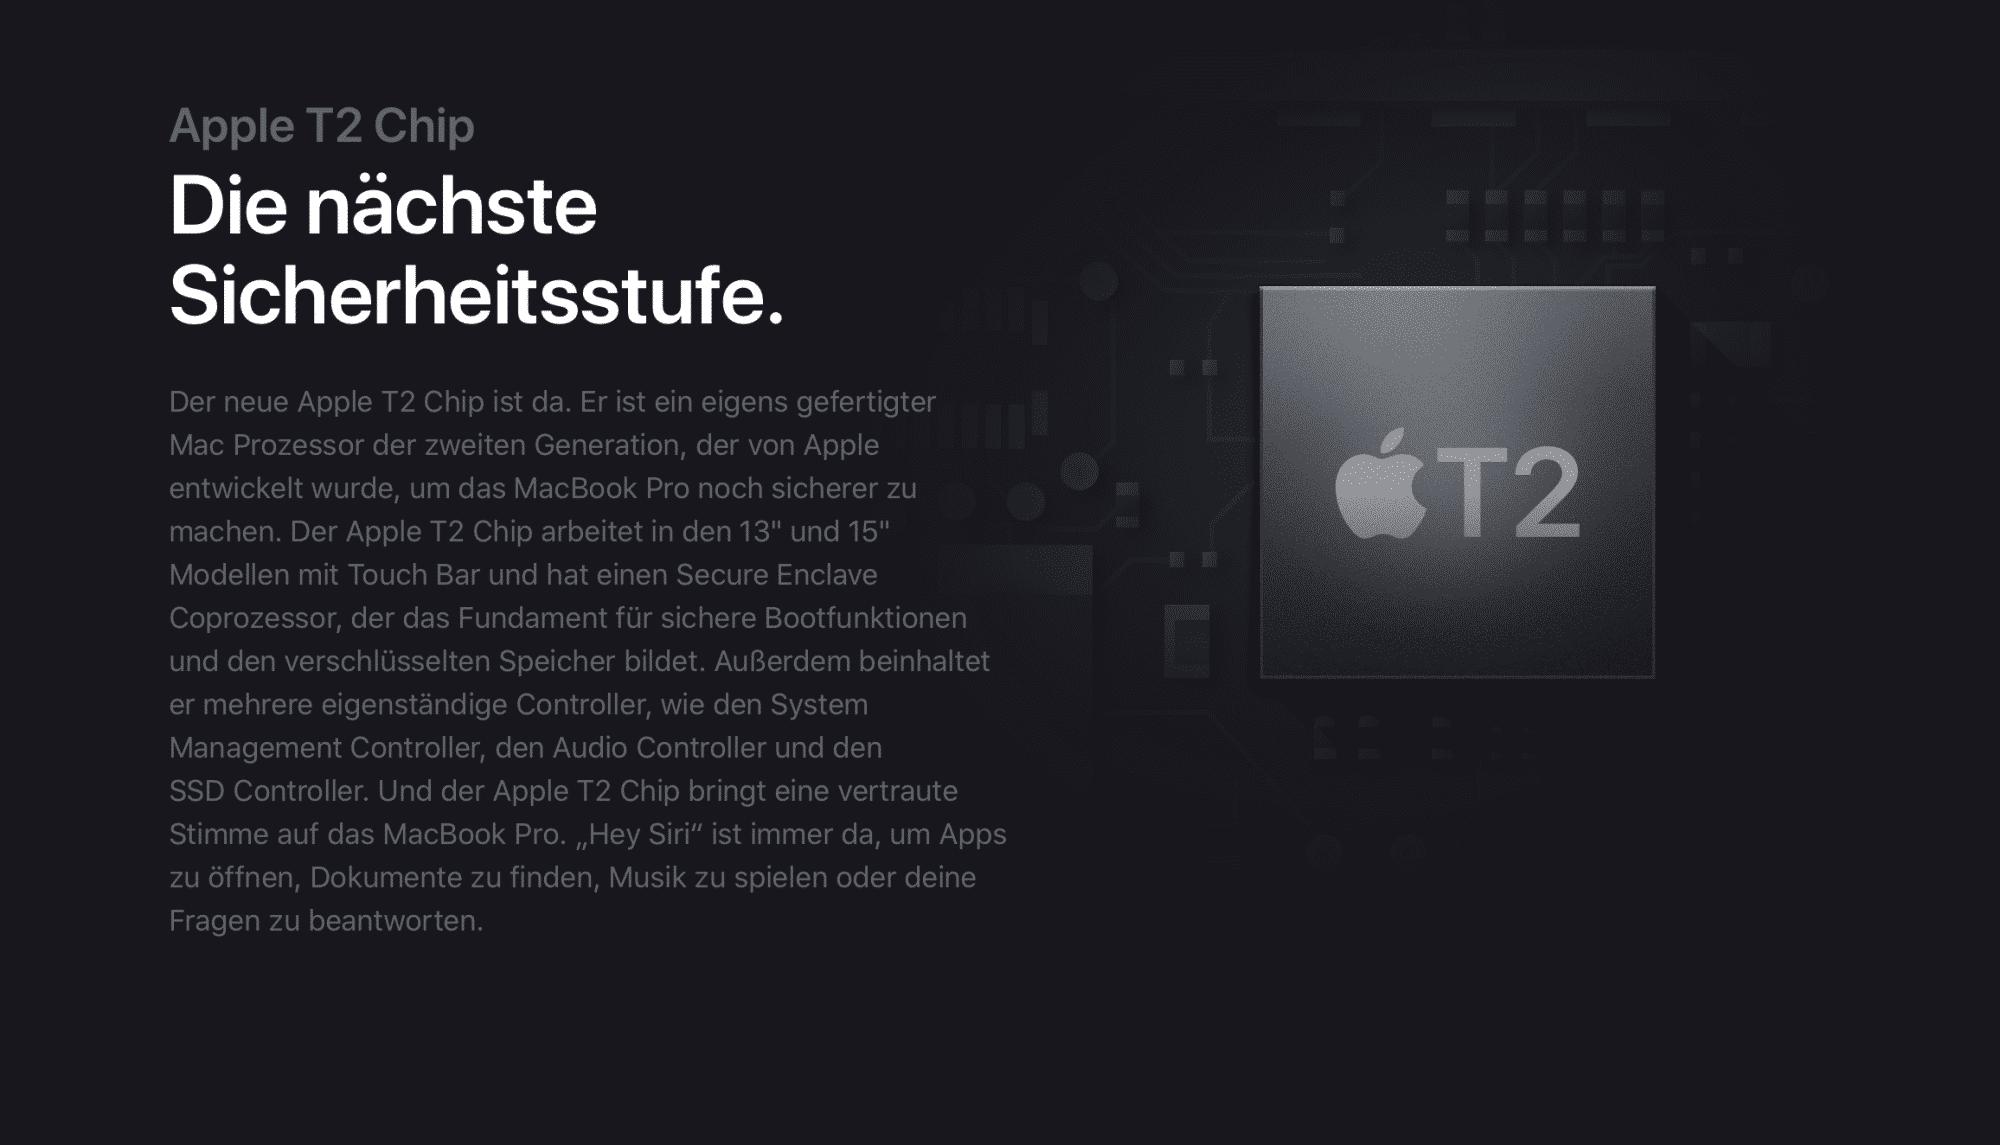 Apples T2-Chip bringt wichtige Sicherheitsfunktionen auf Macs.